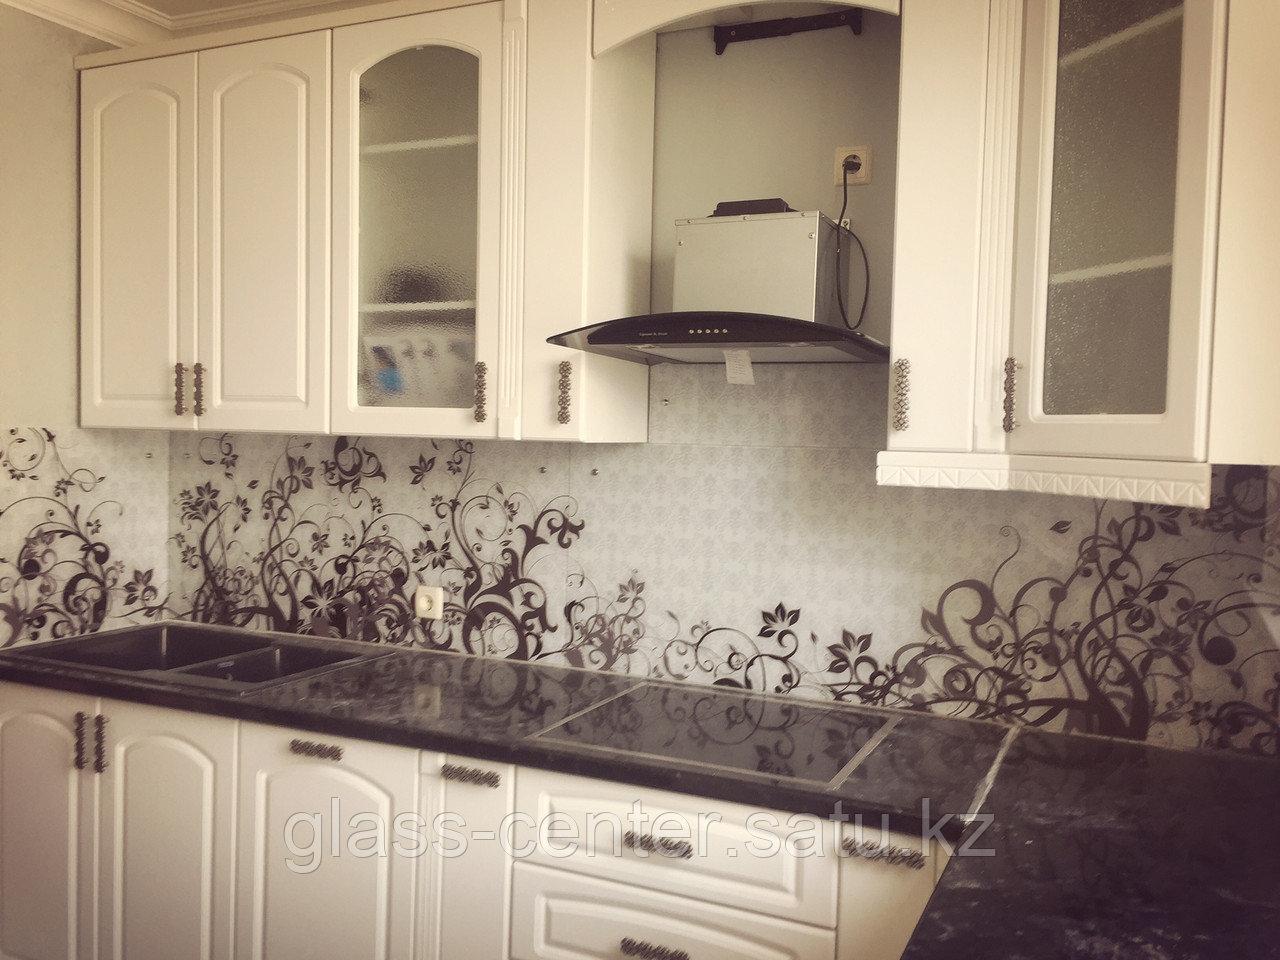 Фартук для кухни с изображением из высокопрочного стекла. Скинали - фото 1